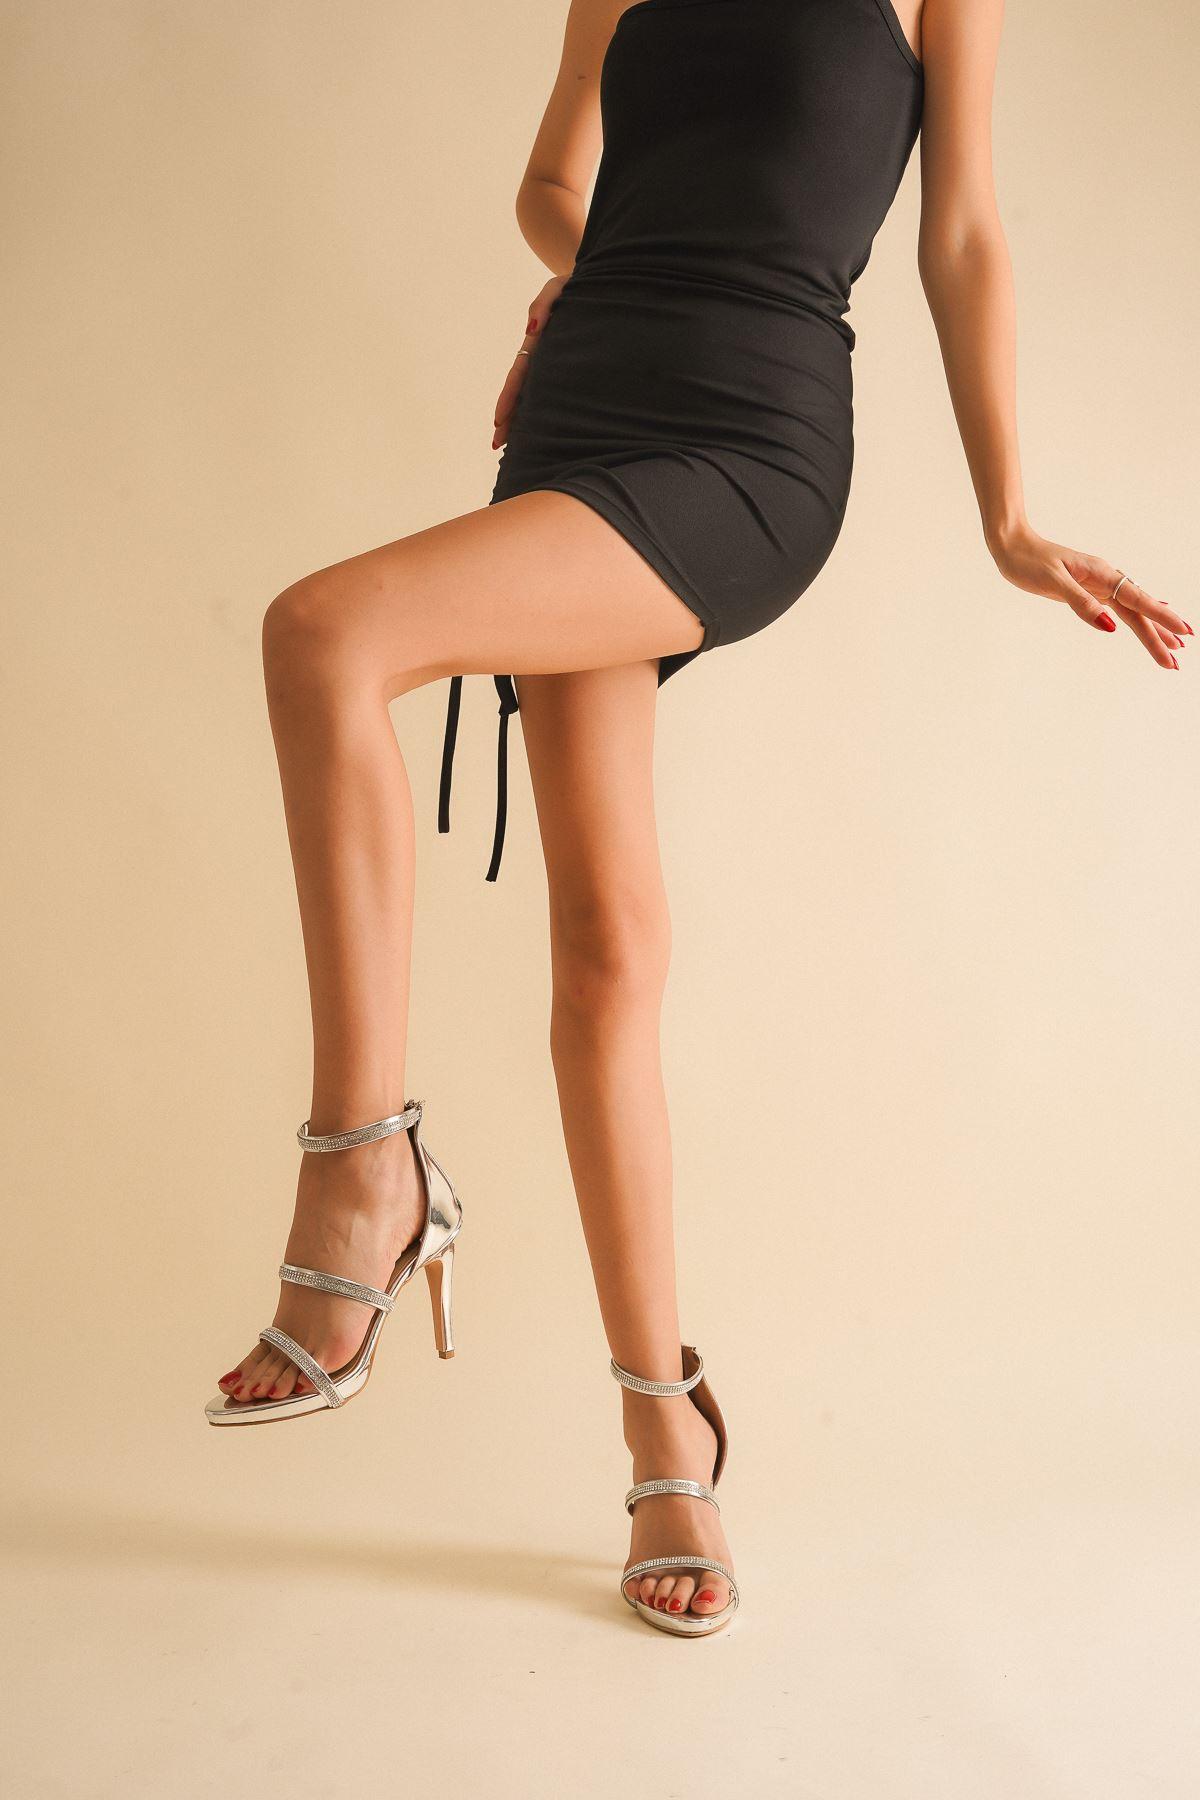 Gieda Gümüş Ayna Taşı Topuklu Ayakkabı